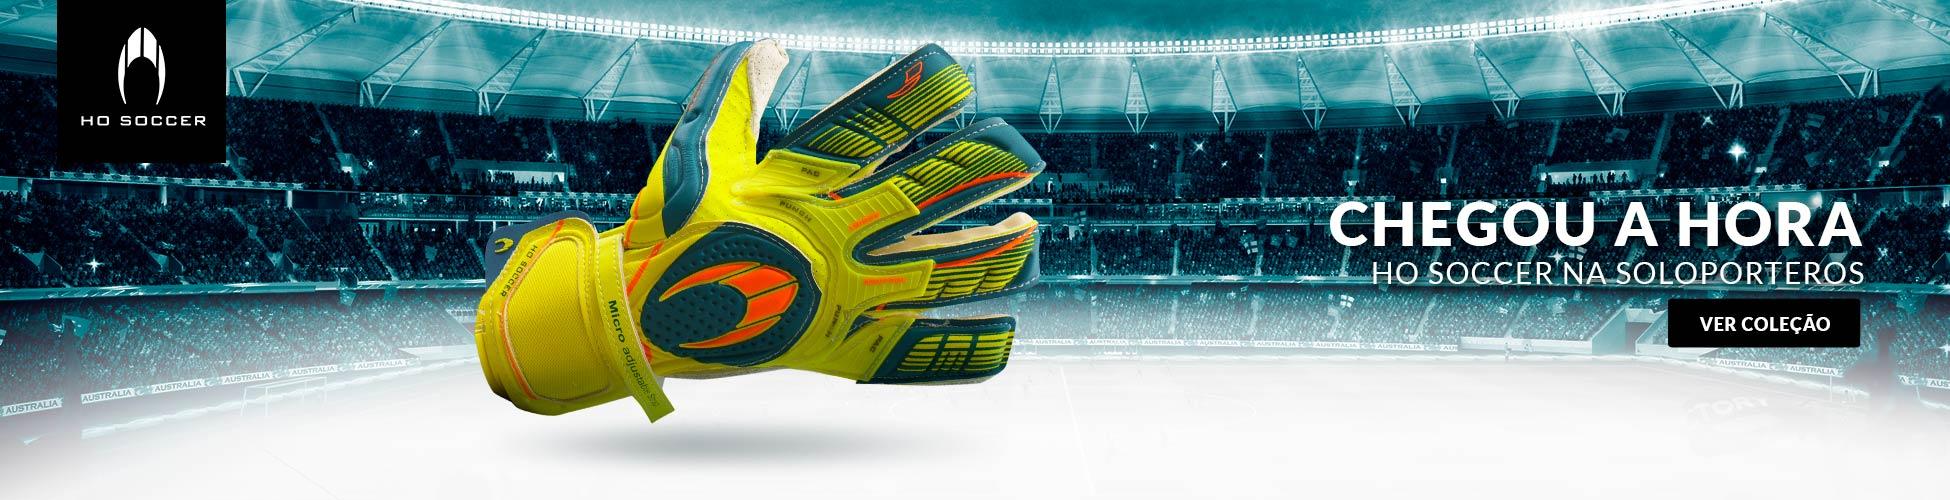 HO soccer PT